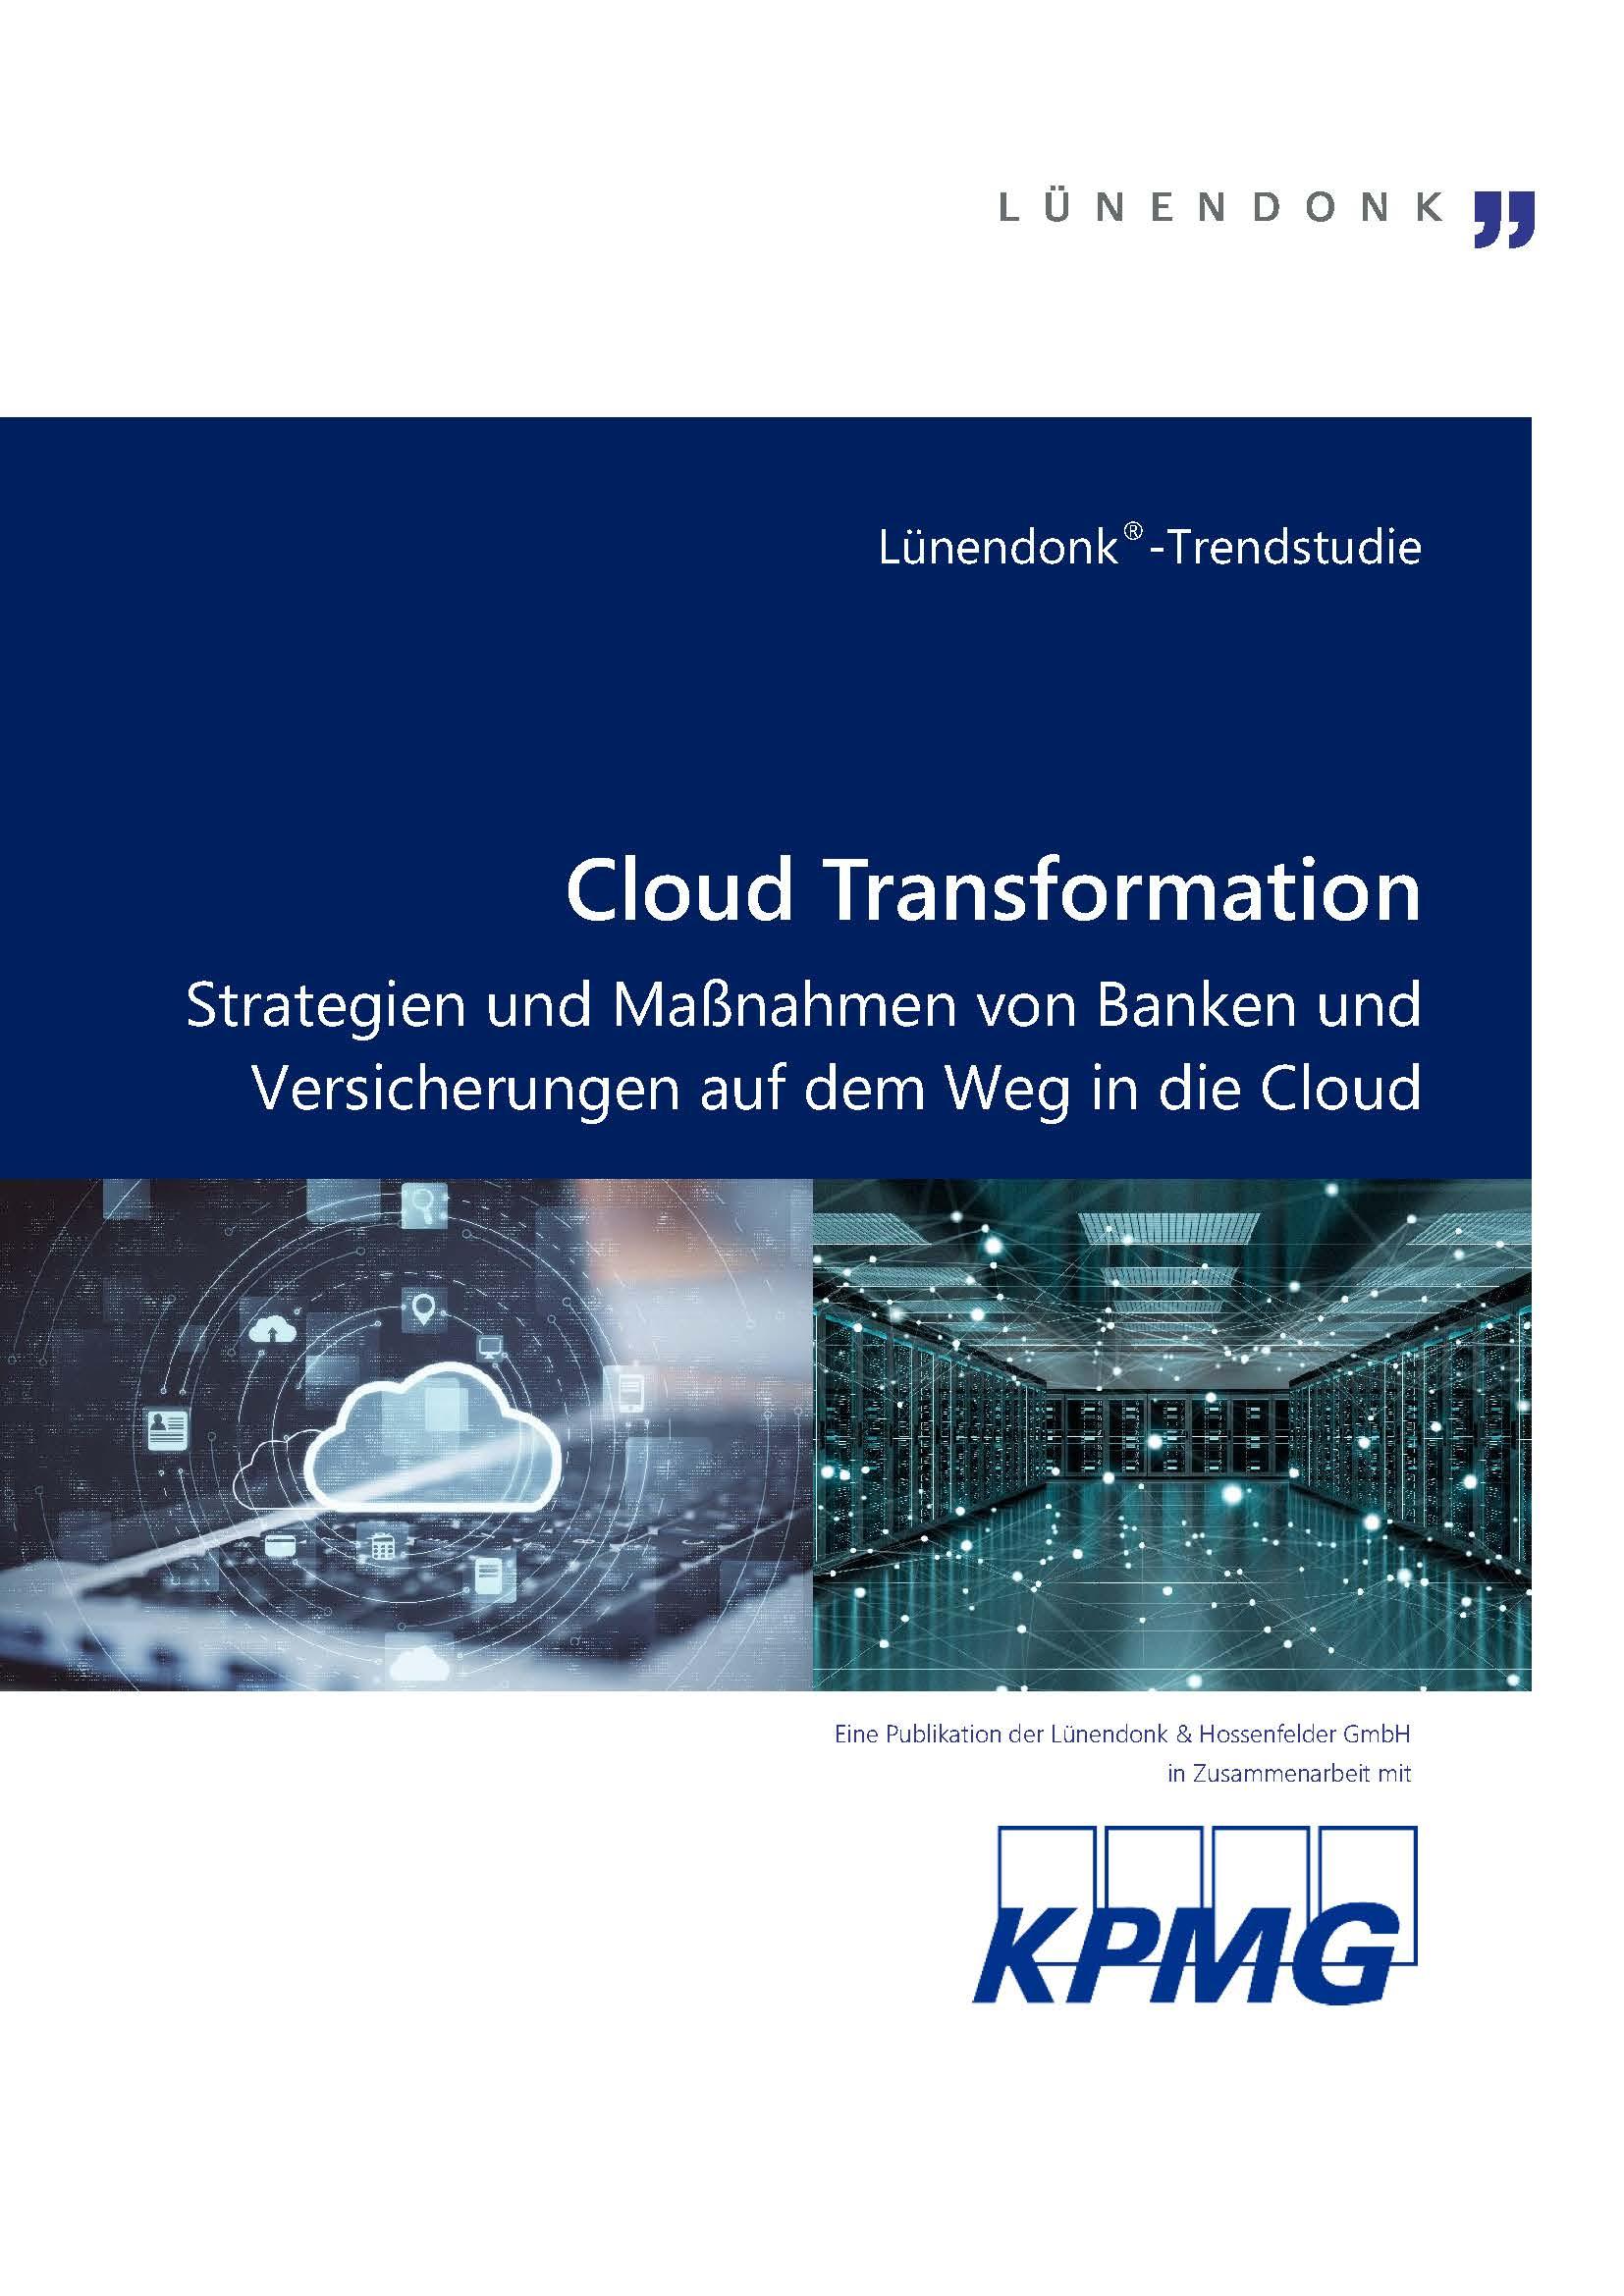 Cloud Transformation Lünendonk Trendstudie KPMG